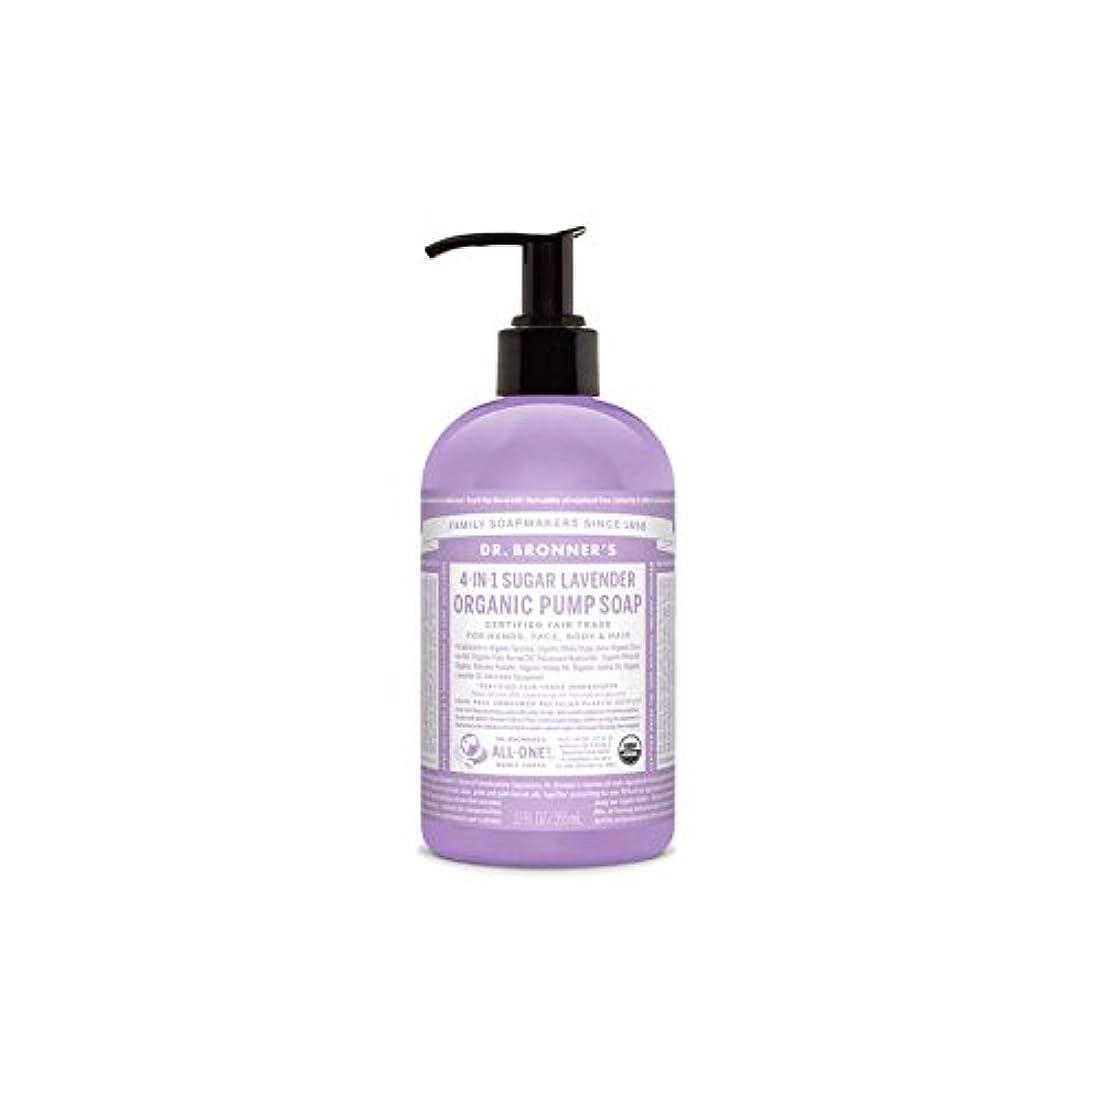 宿題をする枯渇疼痛ブロナー有機ラベンダーハンドソープ(355ミリリットル) x2 - Dr. Bronner Organic Shikakai Lavender Hand Soap (355ml) (Pack of 2) [並行輸入品]